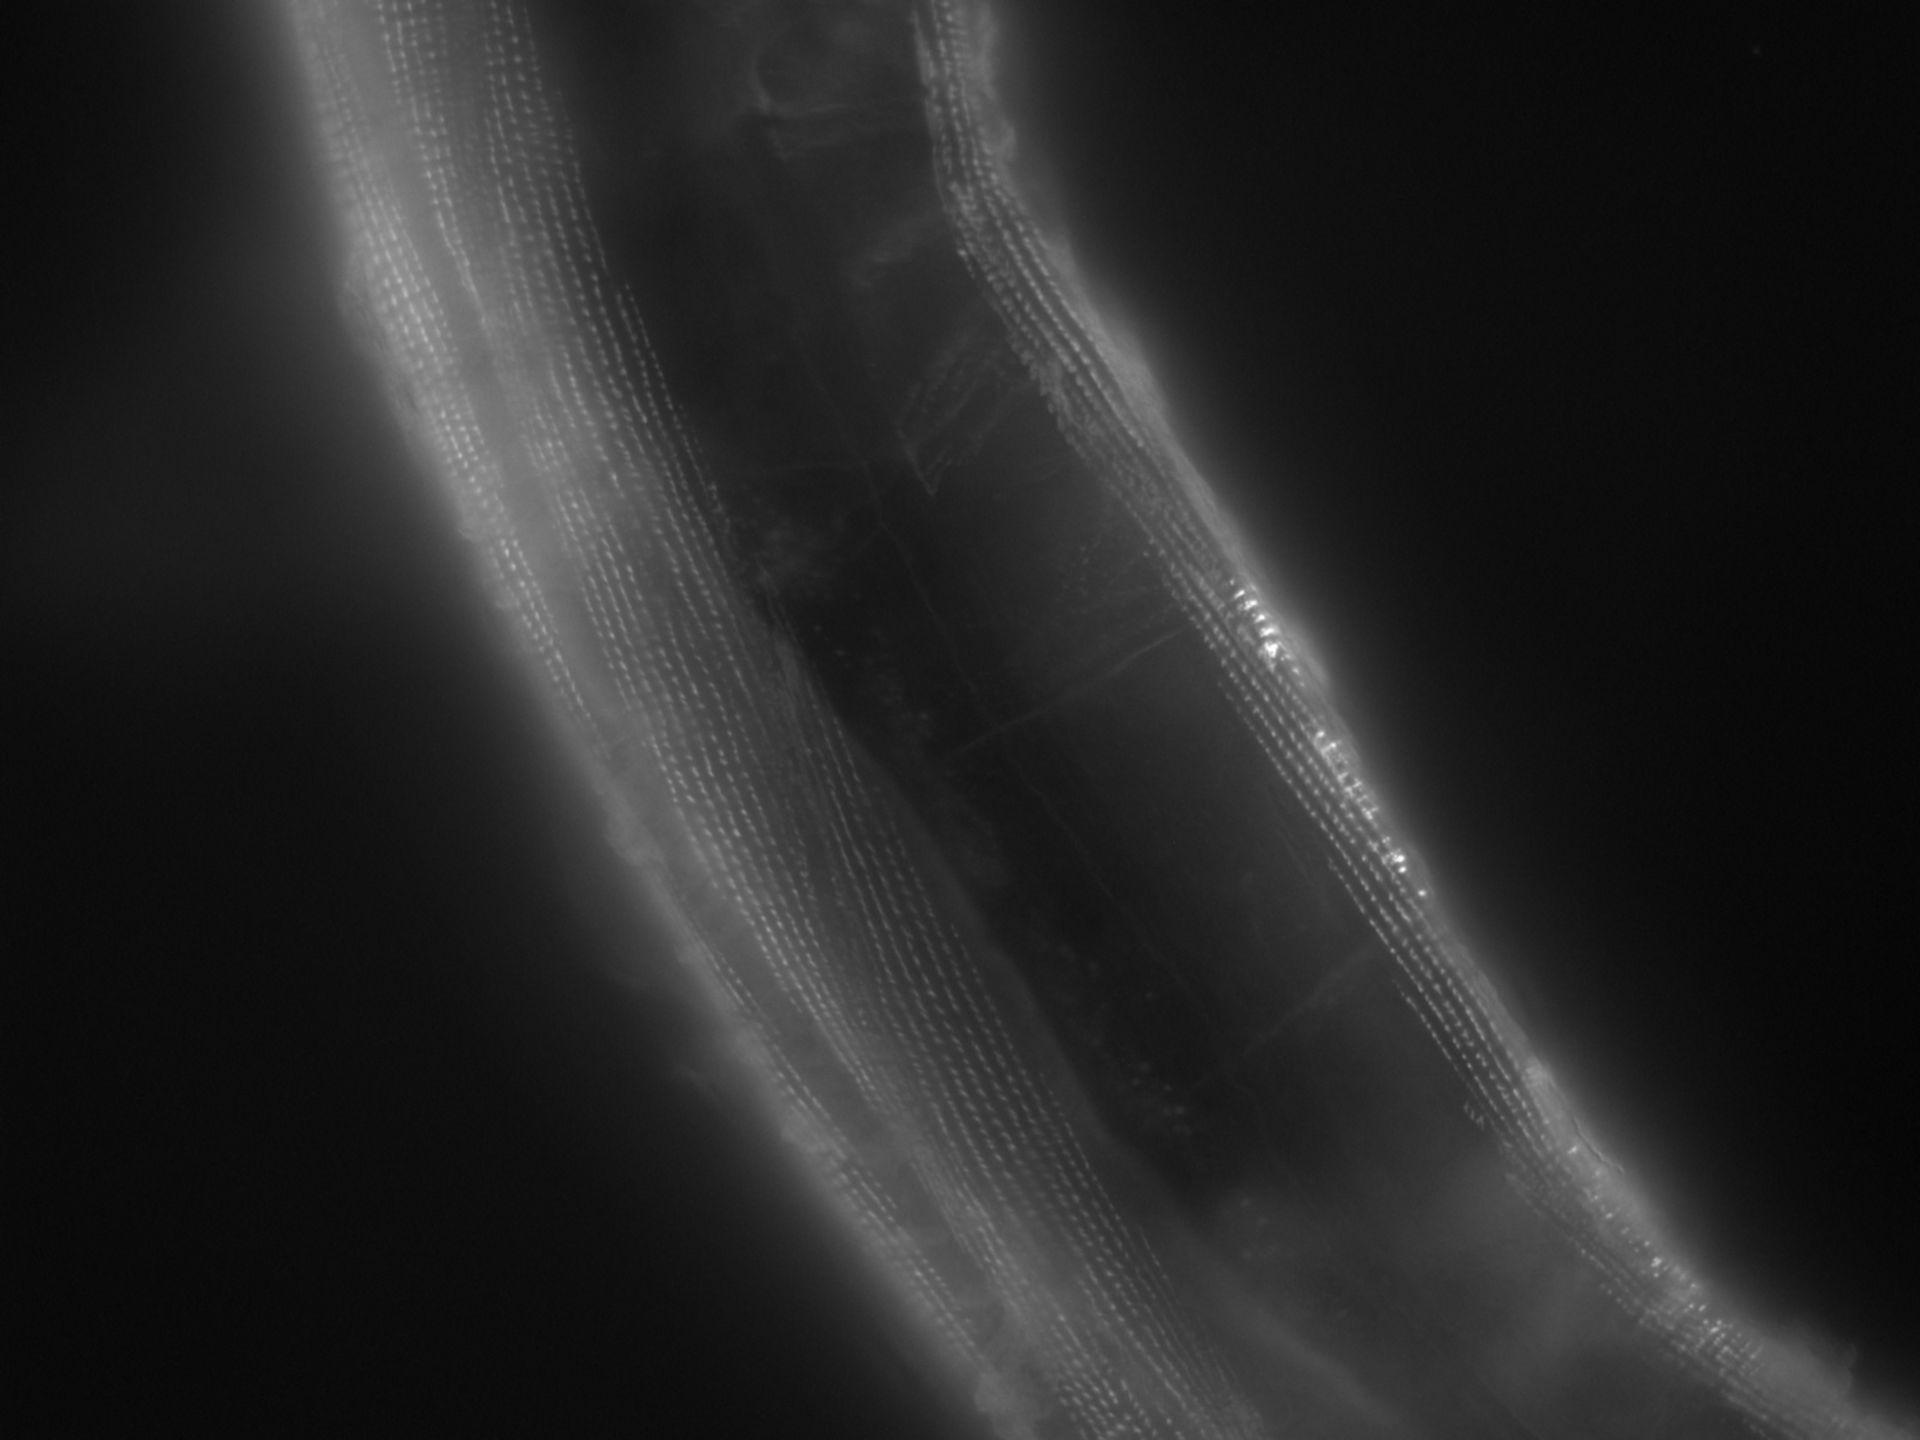 Caenorhabditis elegans (Actin filament) - CIL:1163